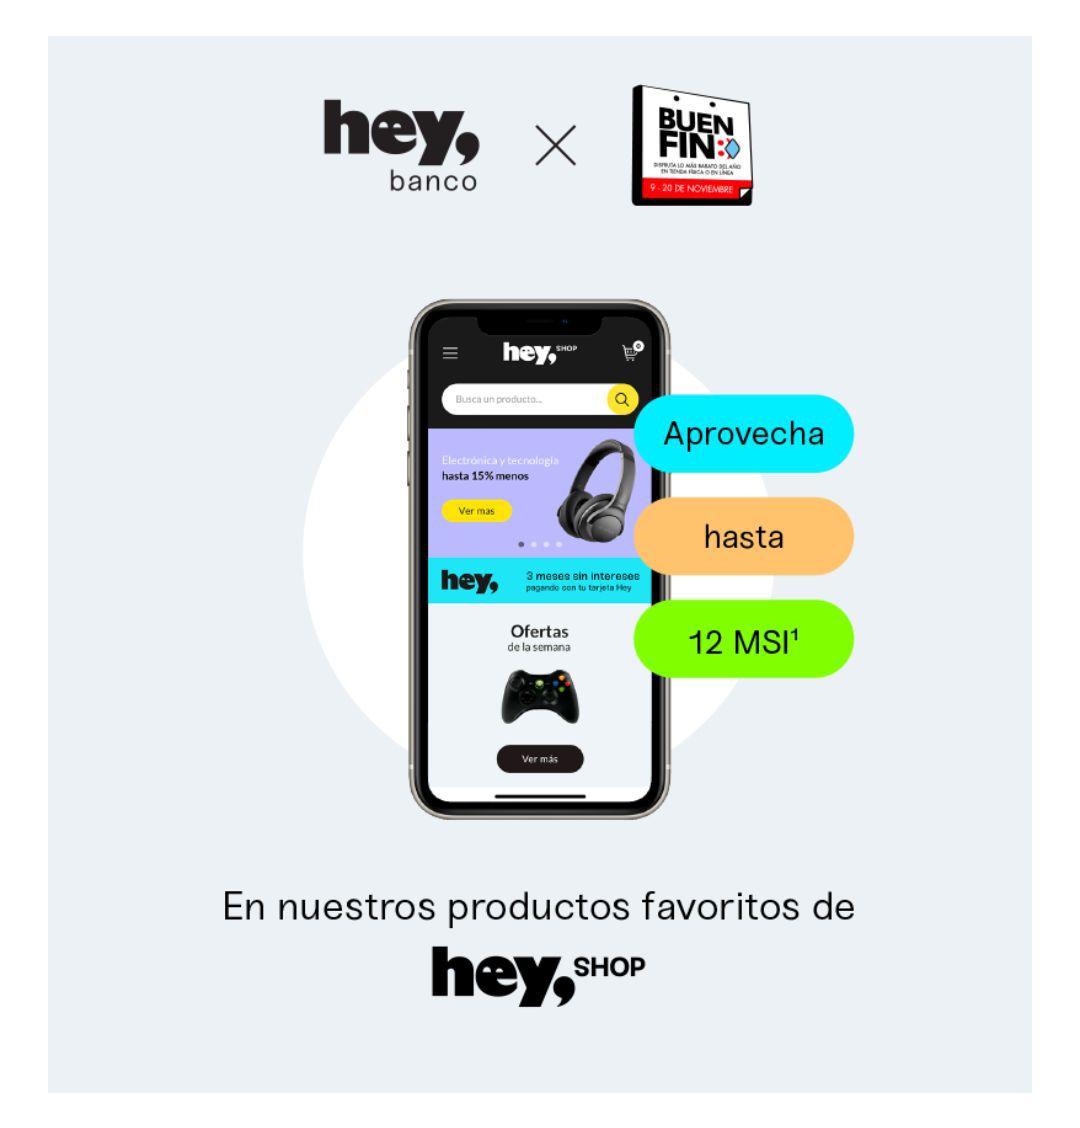 Hey Shop: 30% de descuento en productos seleccionados pagando con tu Tarjeta de Crédito Hey.